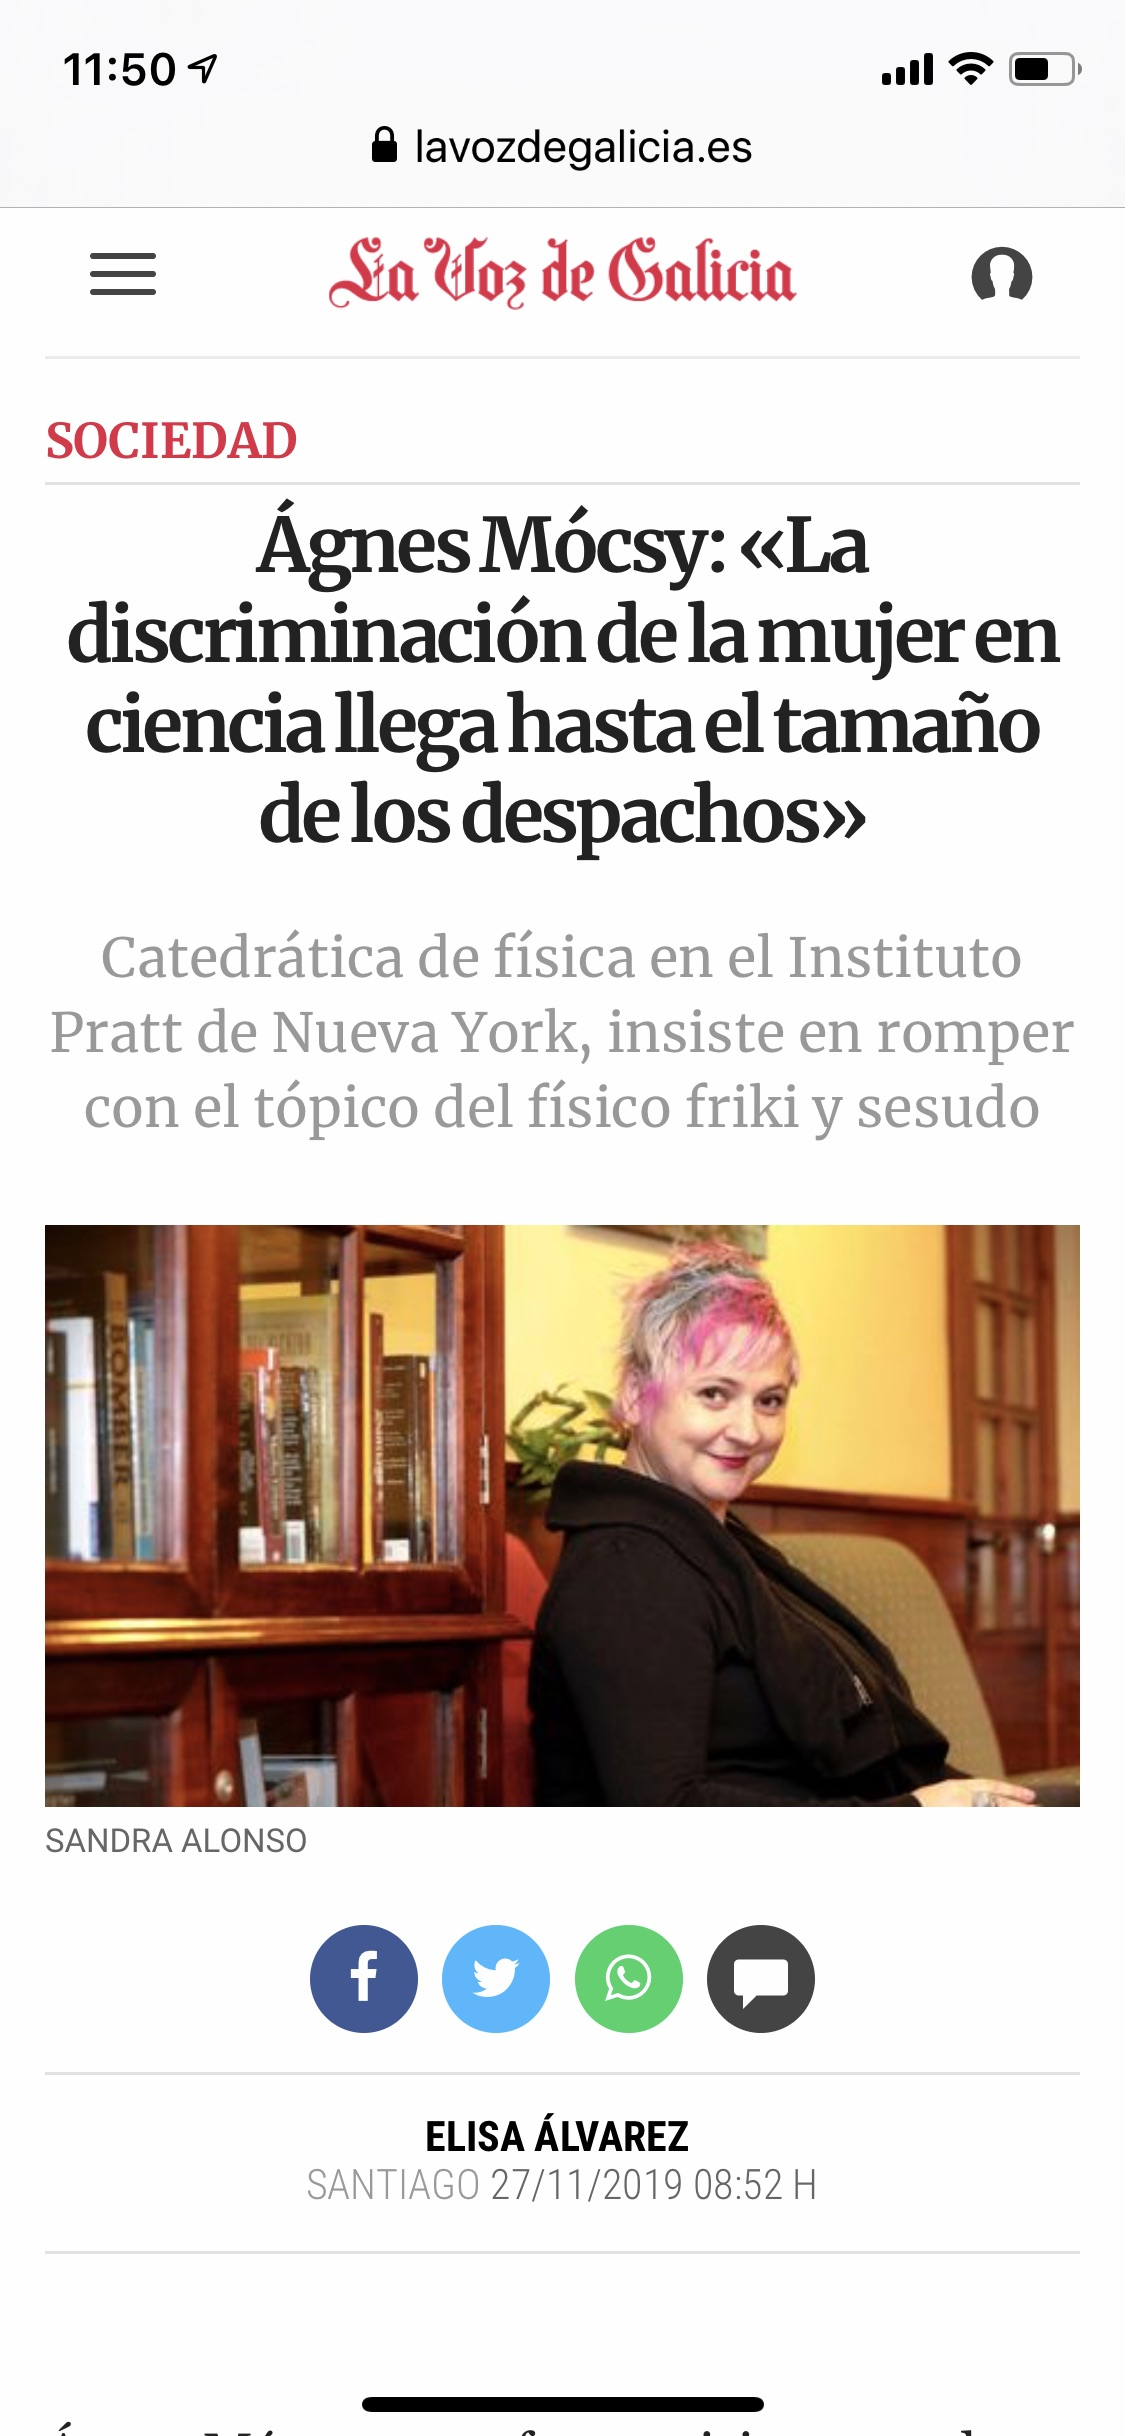 Interview in La Voz de Galicia